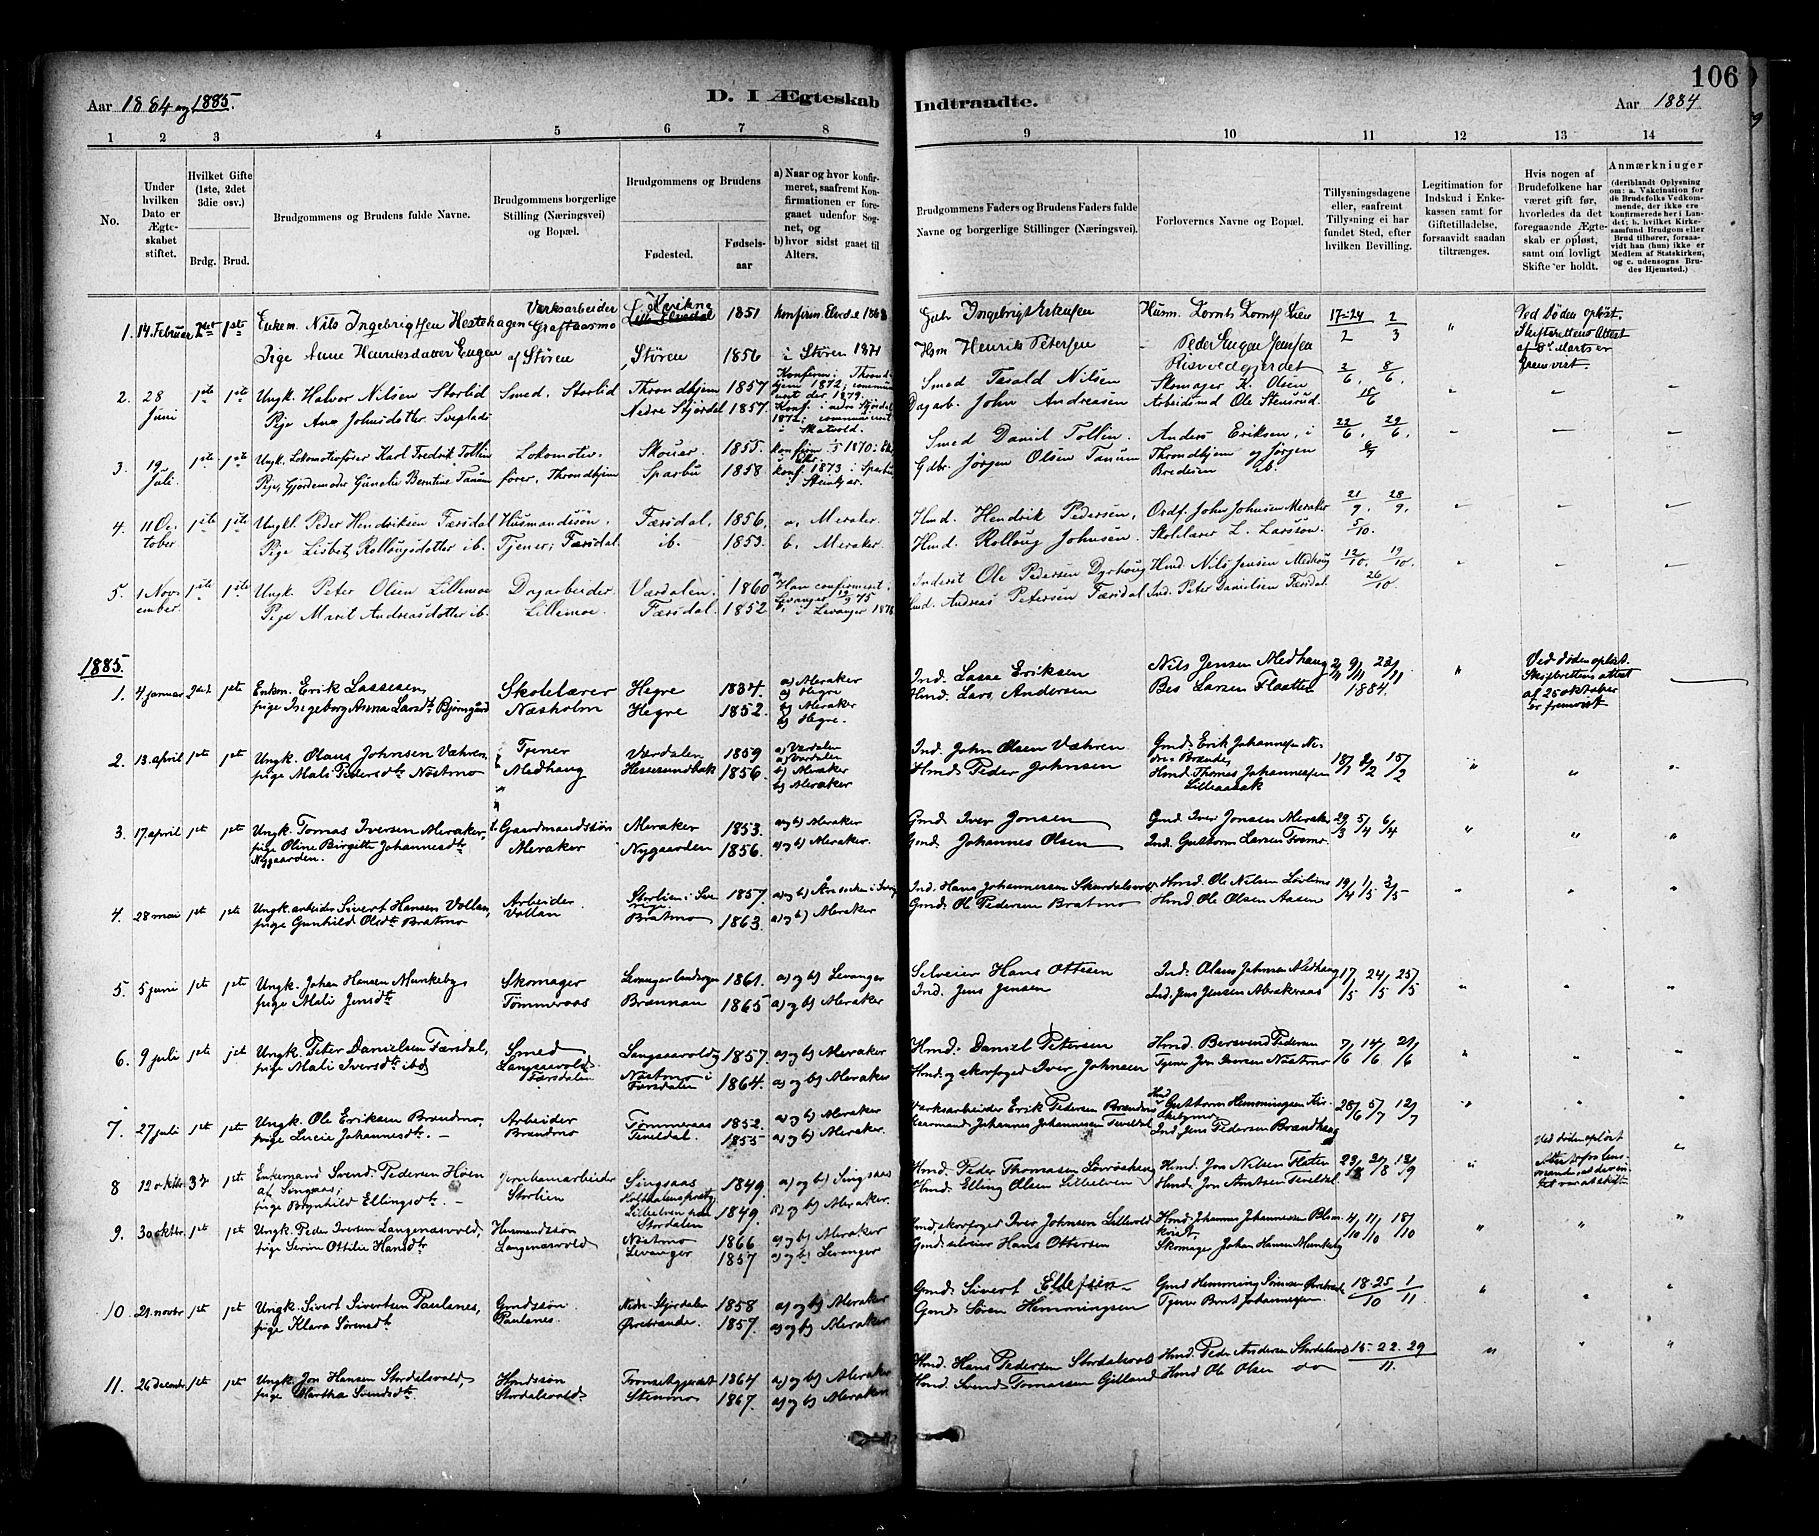 SAT, Ministerialprotokoller, klokkerbøker og fødselsregistre - Nord-Trøndelag, 706/L0047: Ministerialbok nr. 706A03, 1878-1892, s. 106